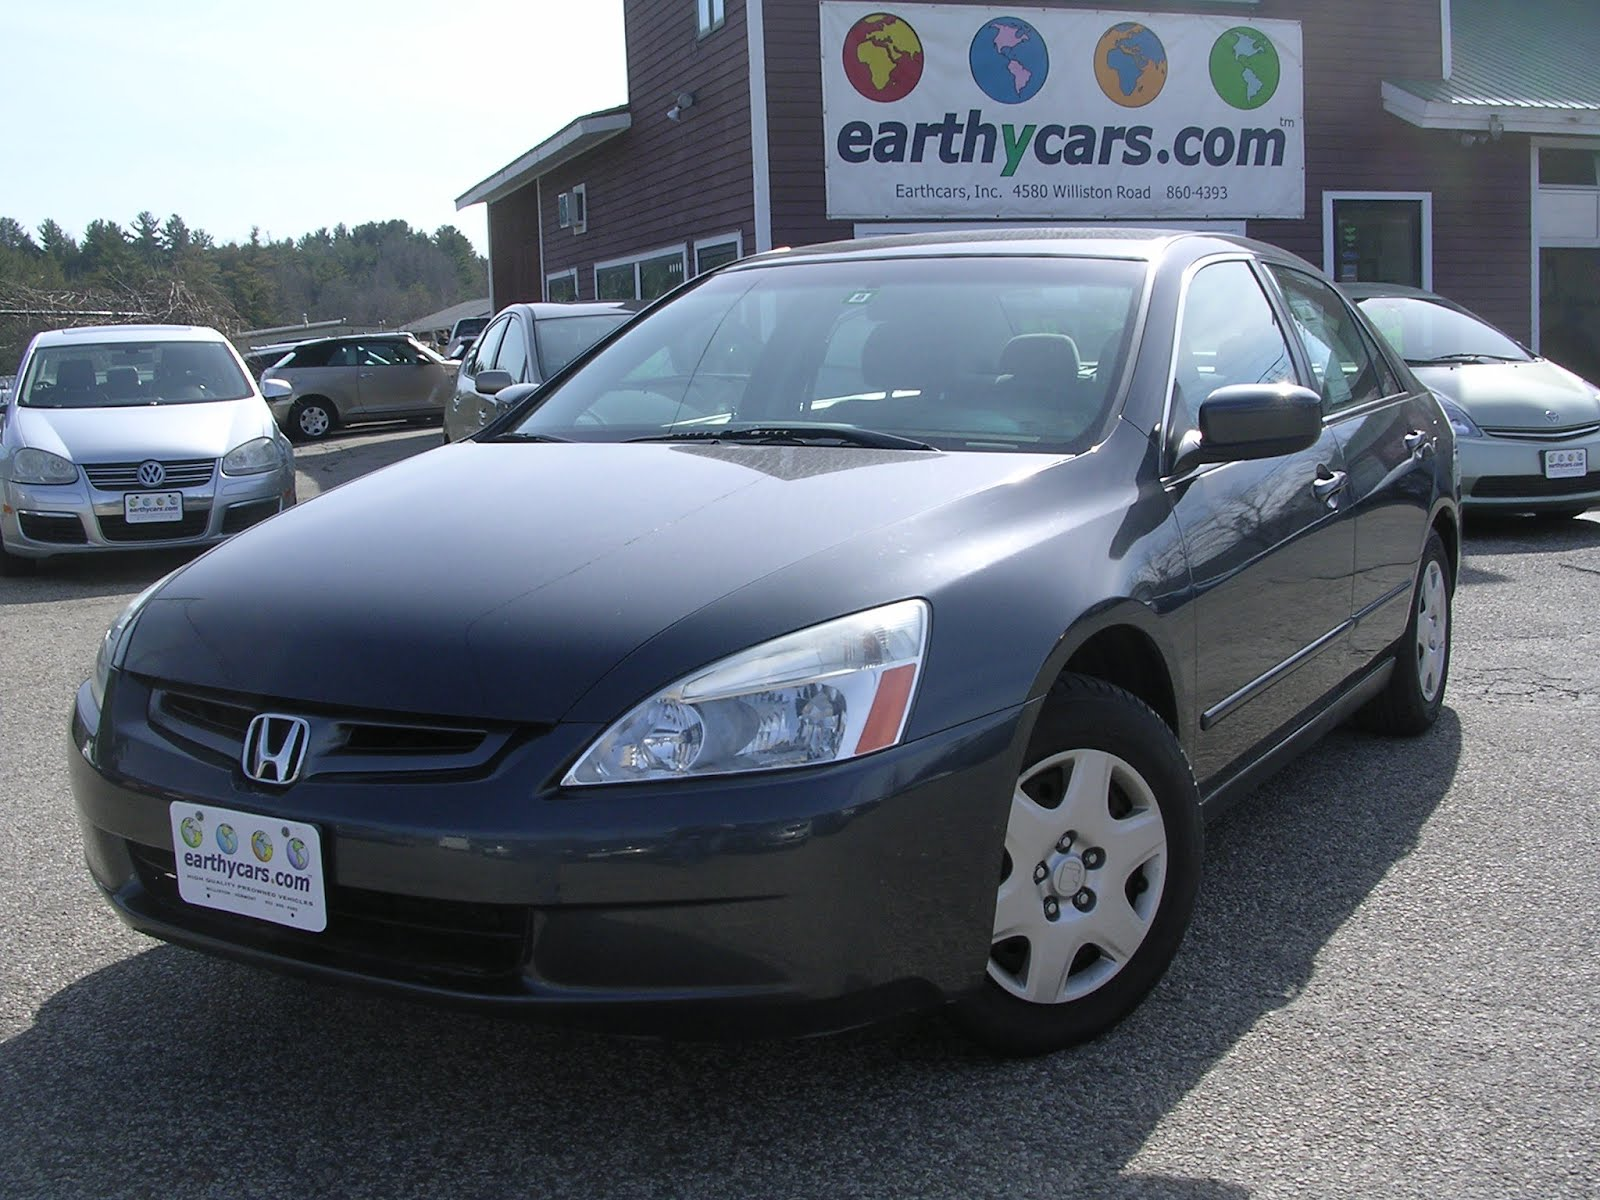 High Quality EARTHY CAR OF THE WEEK: 2005 Honda Accord 2.4 LX